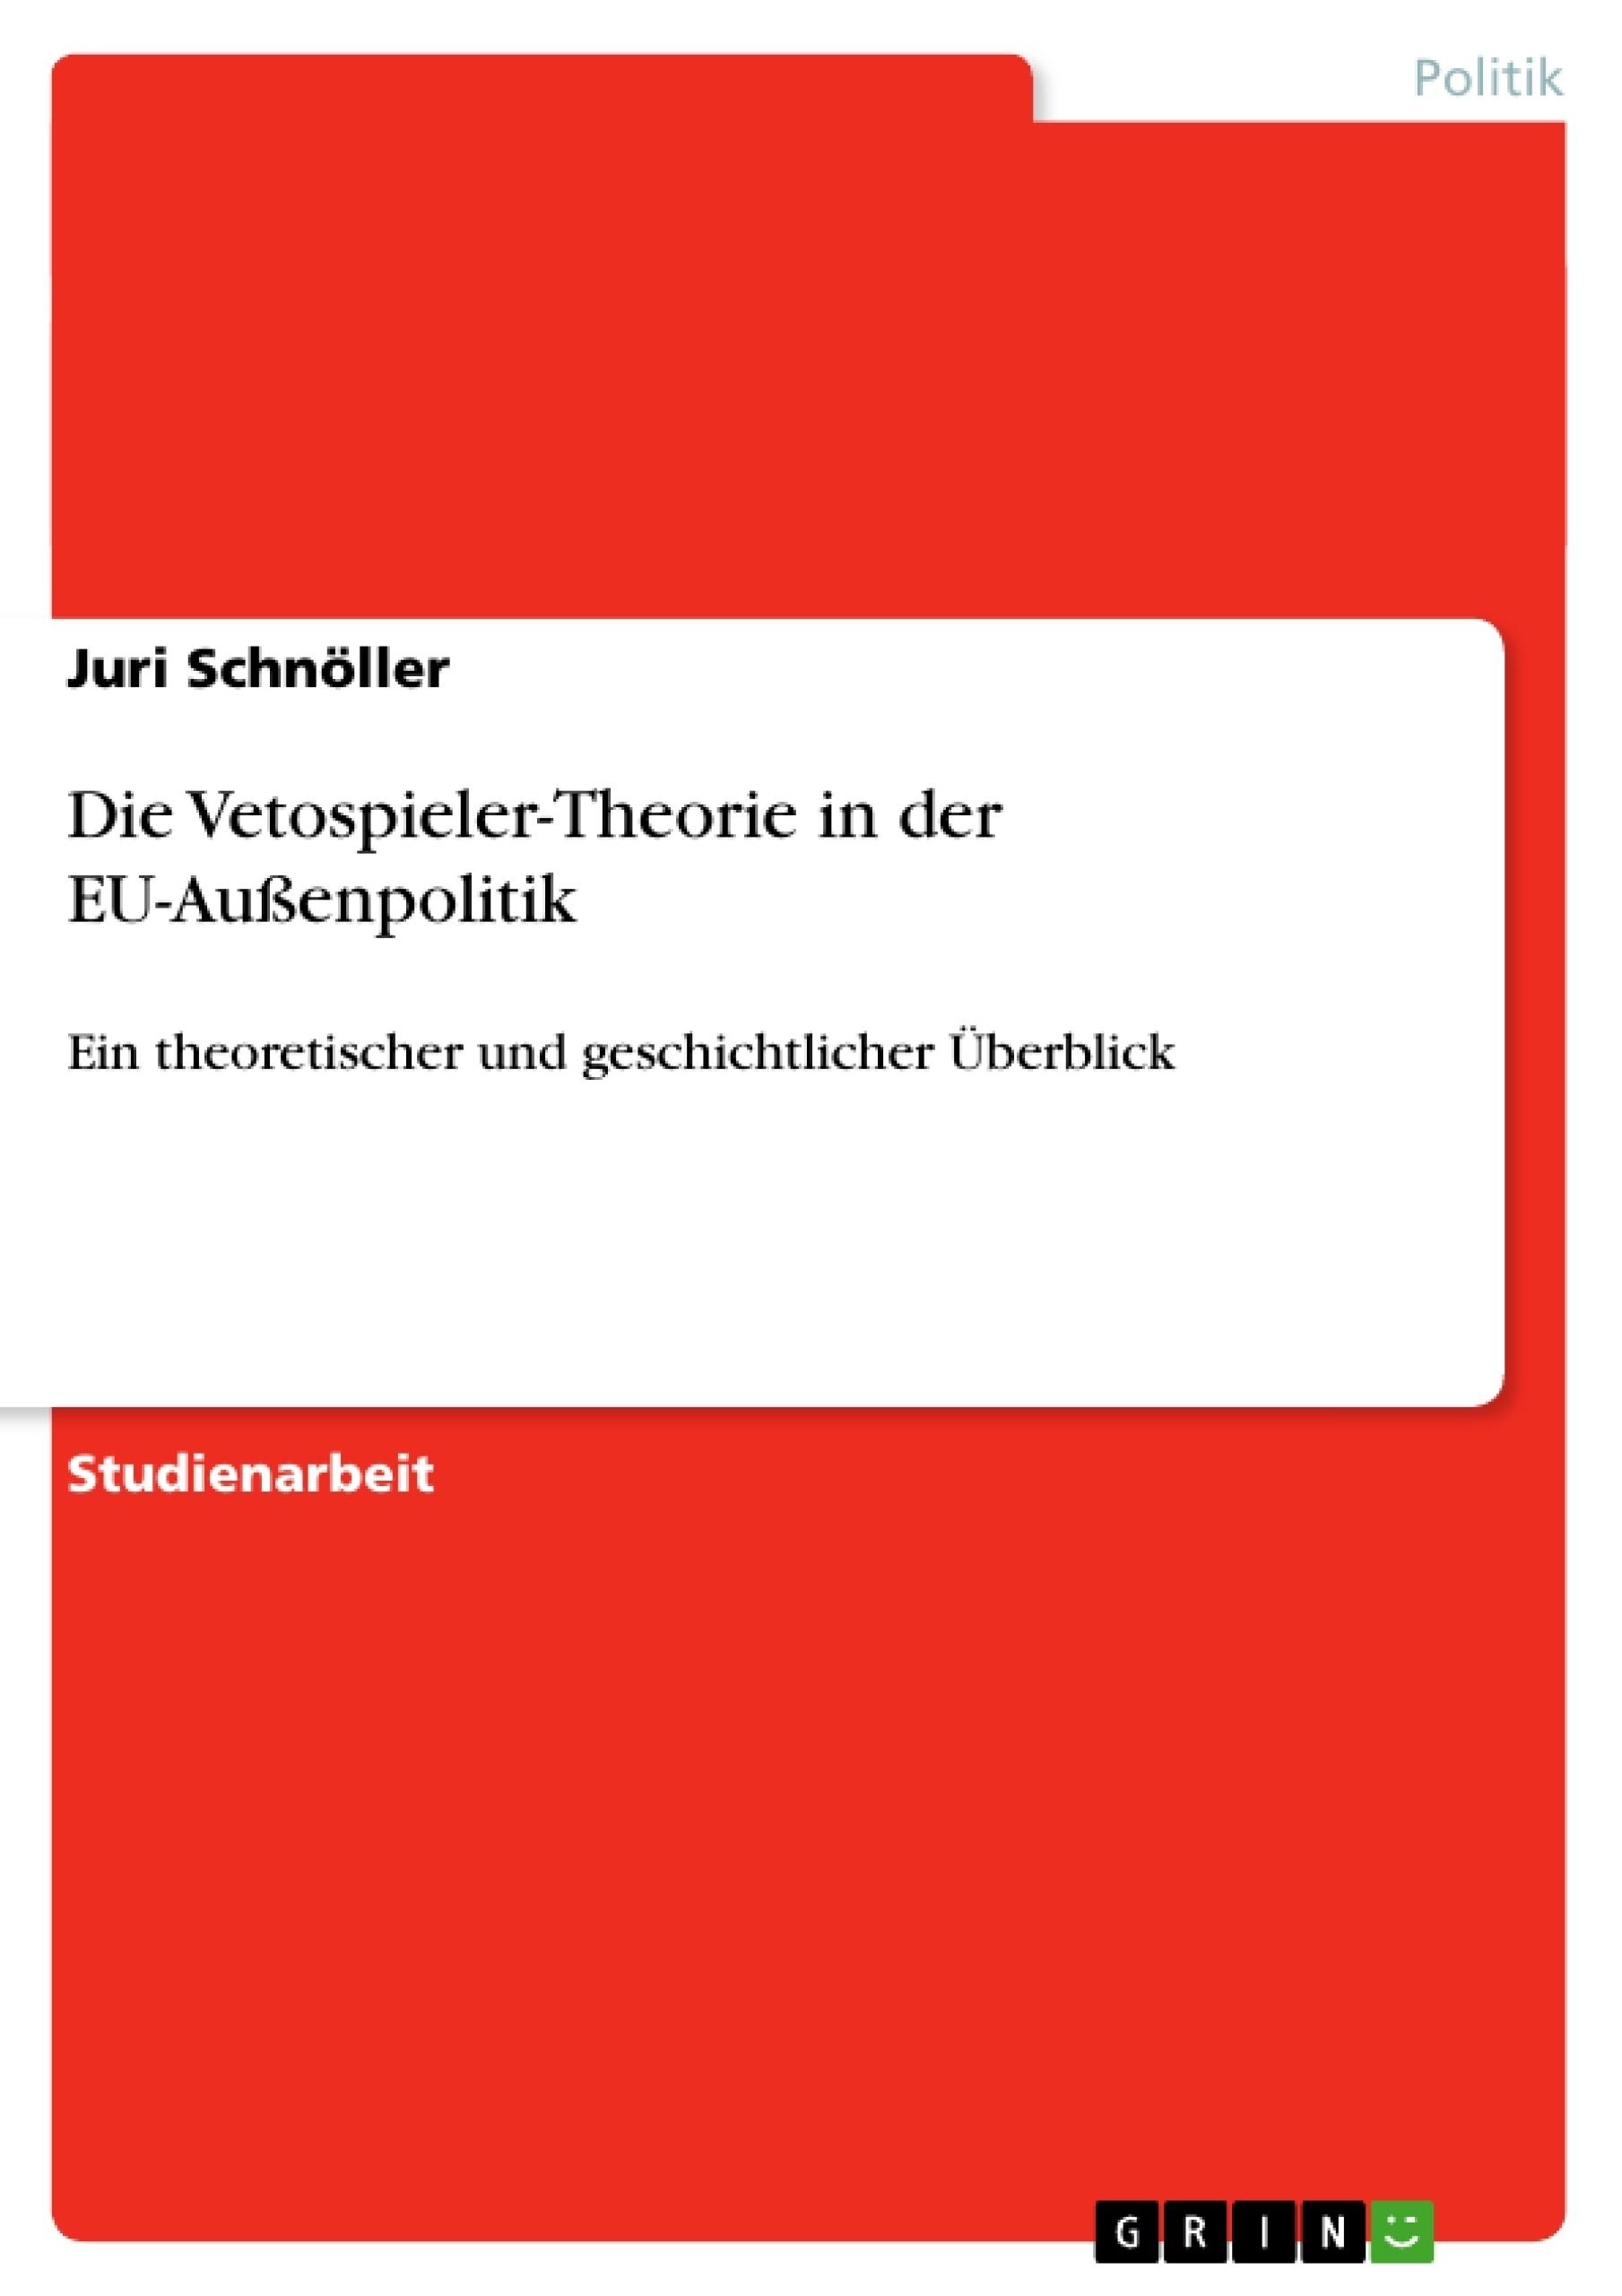 Titel: Die Vetospieler-Theorie in der EU-Außenpolitik